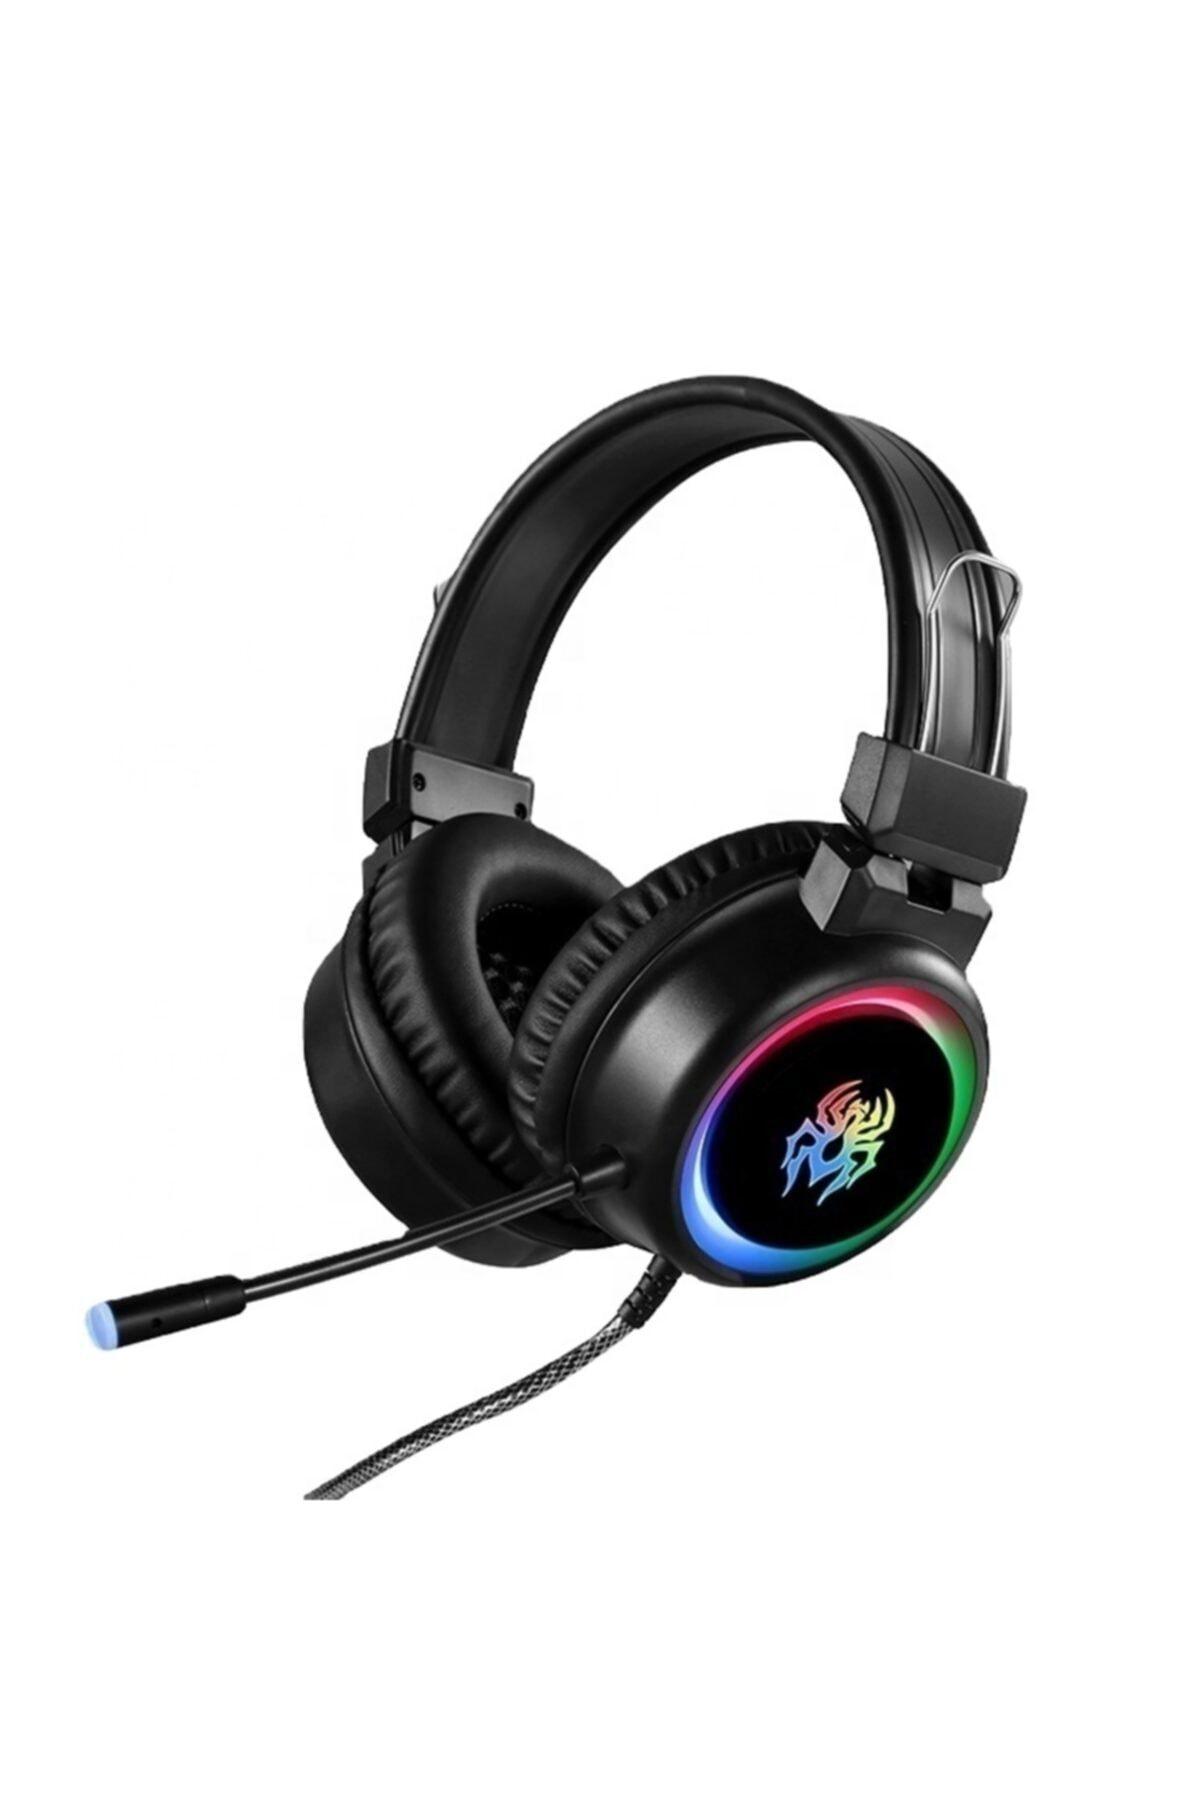 OWWOTECH Yoro V5 Profesyonel Oyuncu Kulaklığı Rgb Kablolu Işıklı Mikrofonlu Kulaklık Usbli+3.5 Mm Jack 1